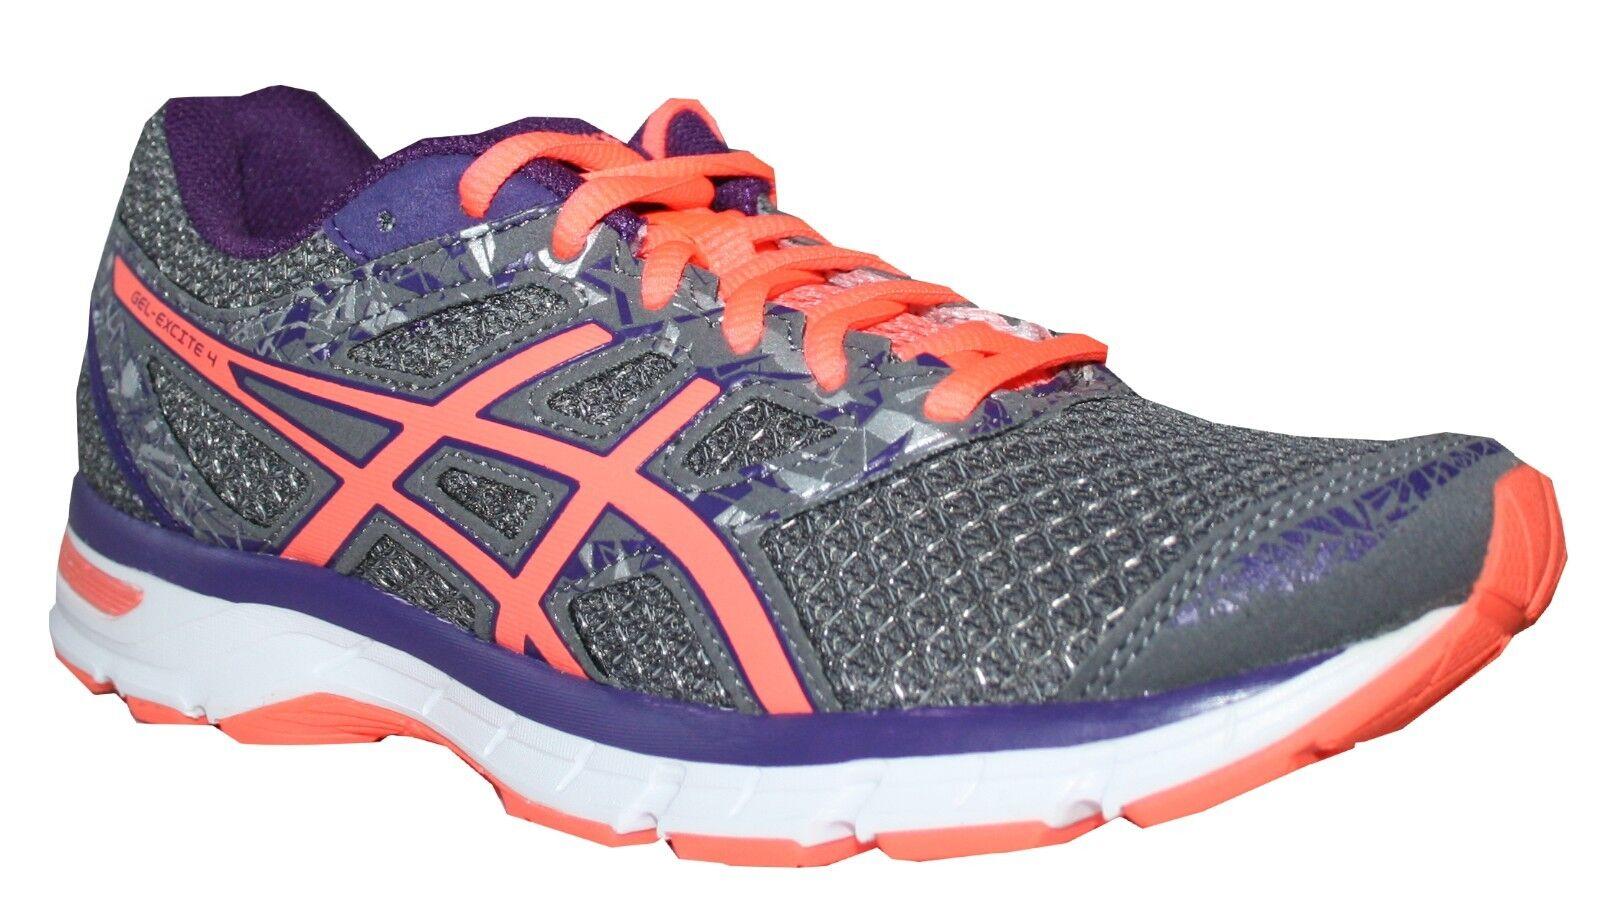 Asics Asics Asics Gel Excite 4 Damen leichte Laufschuhe Fitness Turnschuhe Sportschuhe 37   39 de29c6